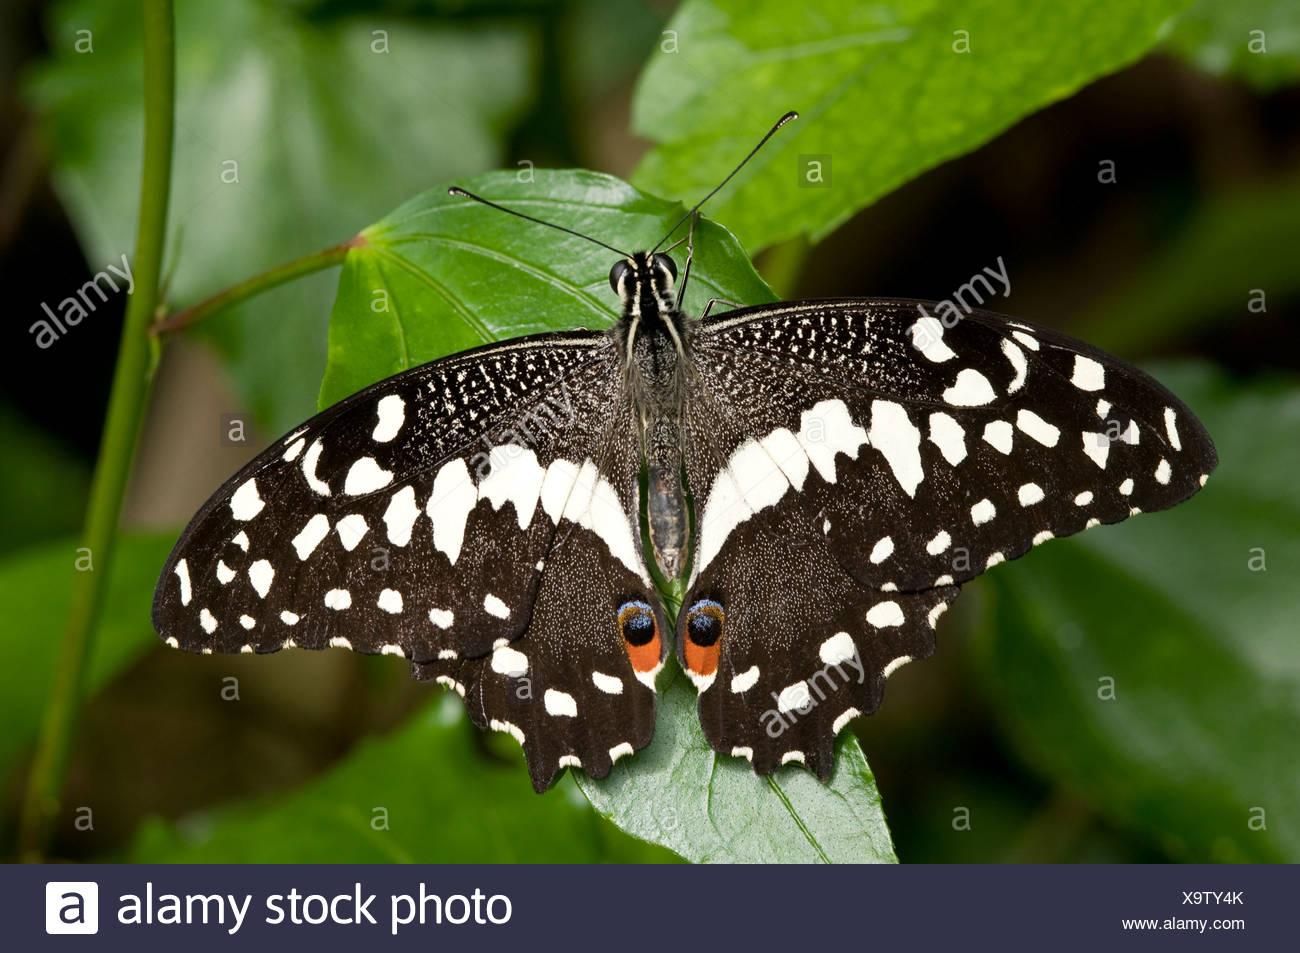 Lime a coda di rondine (farfalla Papilio demoleus) a riposo con ali aperte. Immagini Stock